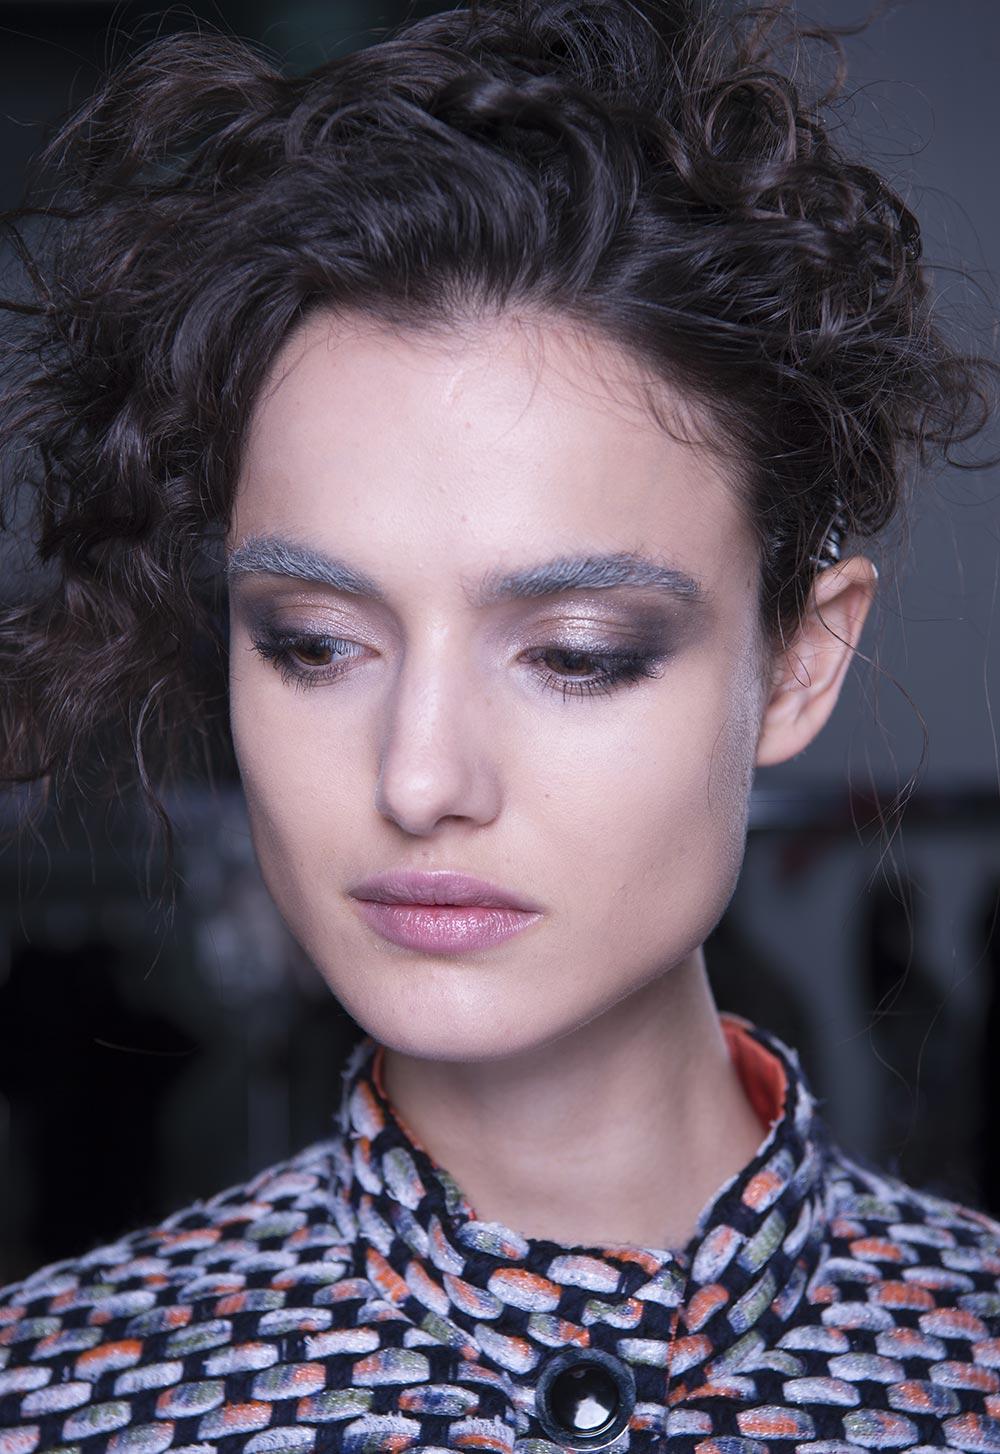 giorgio-armani-aw-2016-runway-makeup